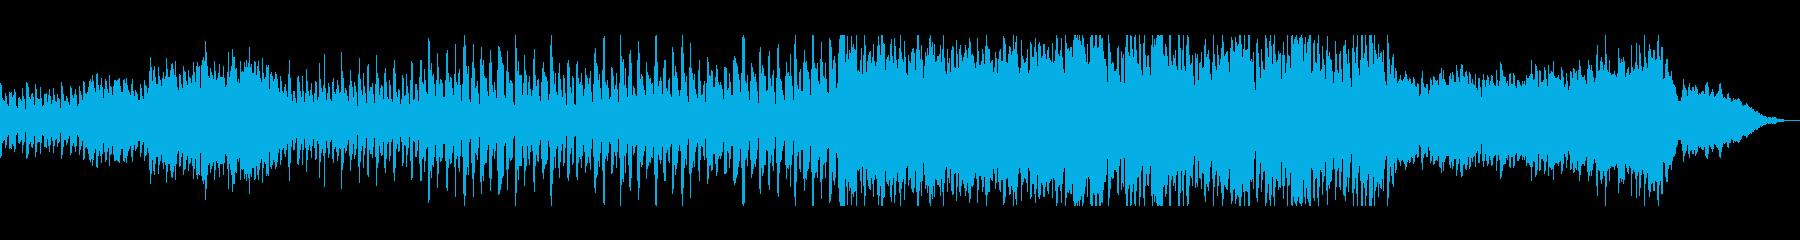 穏やかな自然を感じるチルアウト曲の再生済みの波形